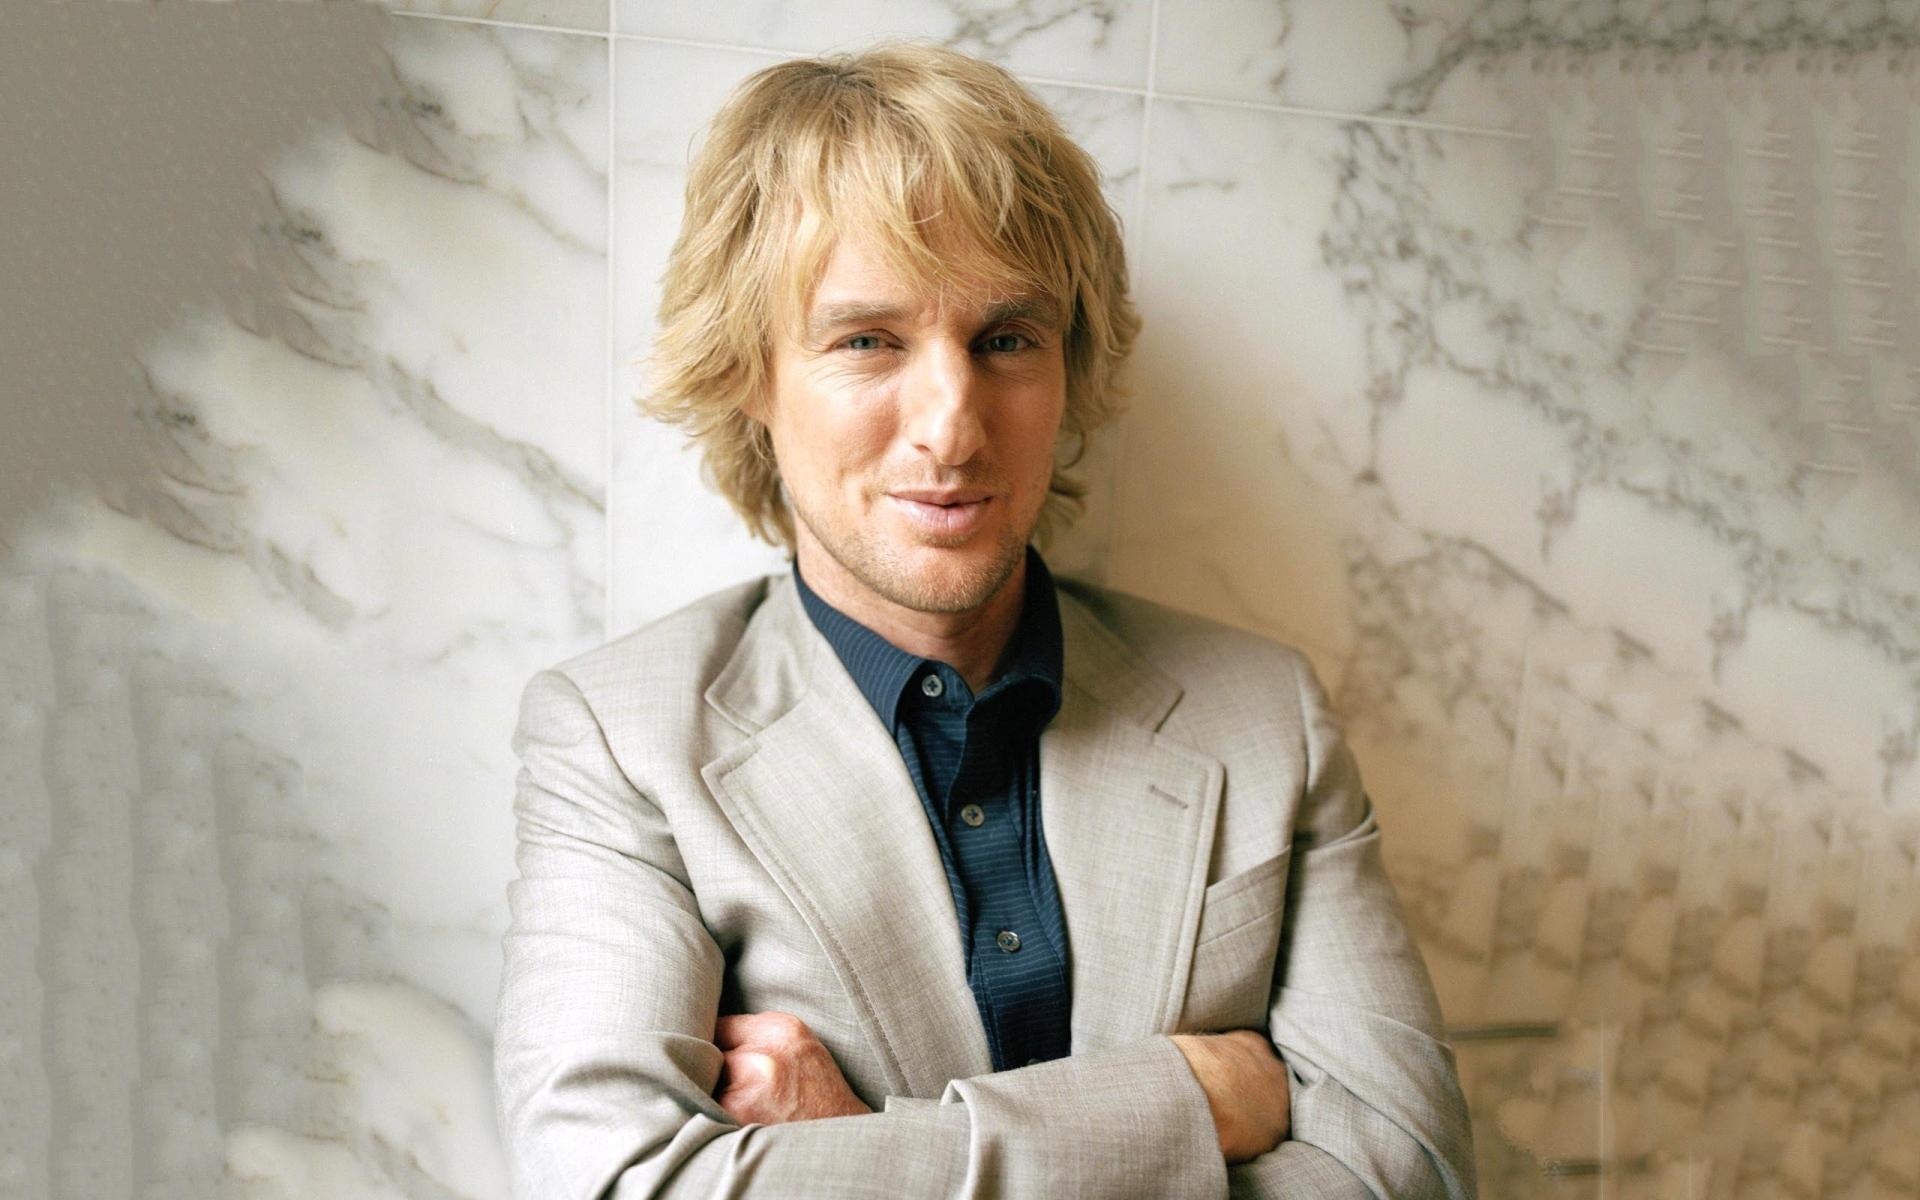 Картинки Owen wilson, актер, мужчина, блондинка, смокинг, улыбка, обаяние, знаменитость фото и обои на рабочий стол